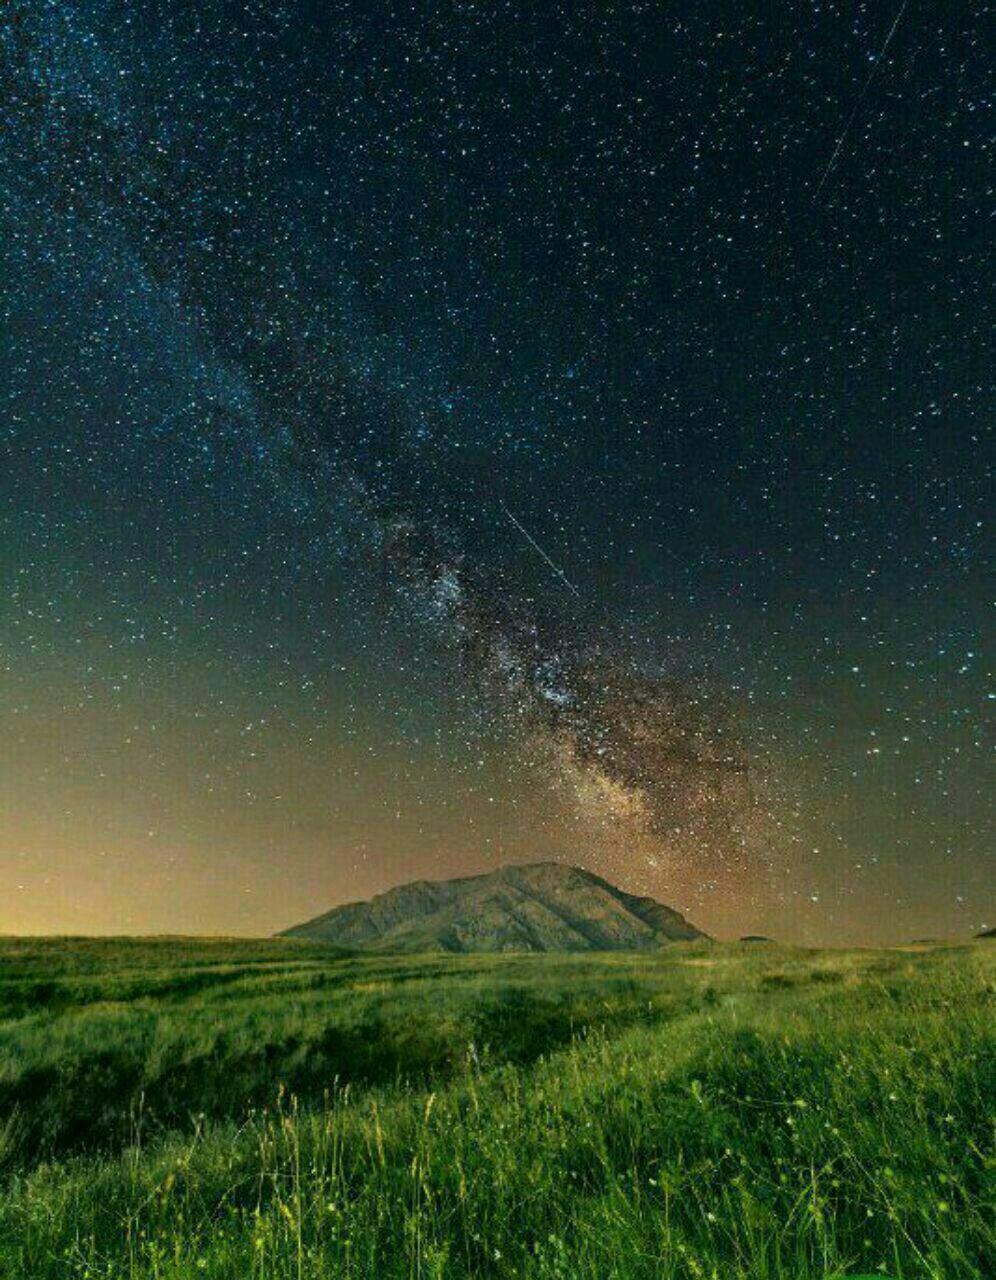 قلب کهکشان راه شیری  بر فراز کوه